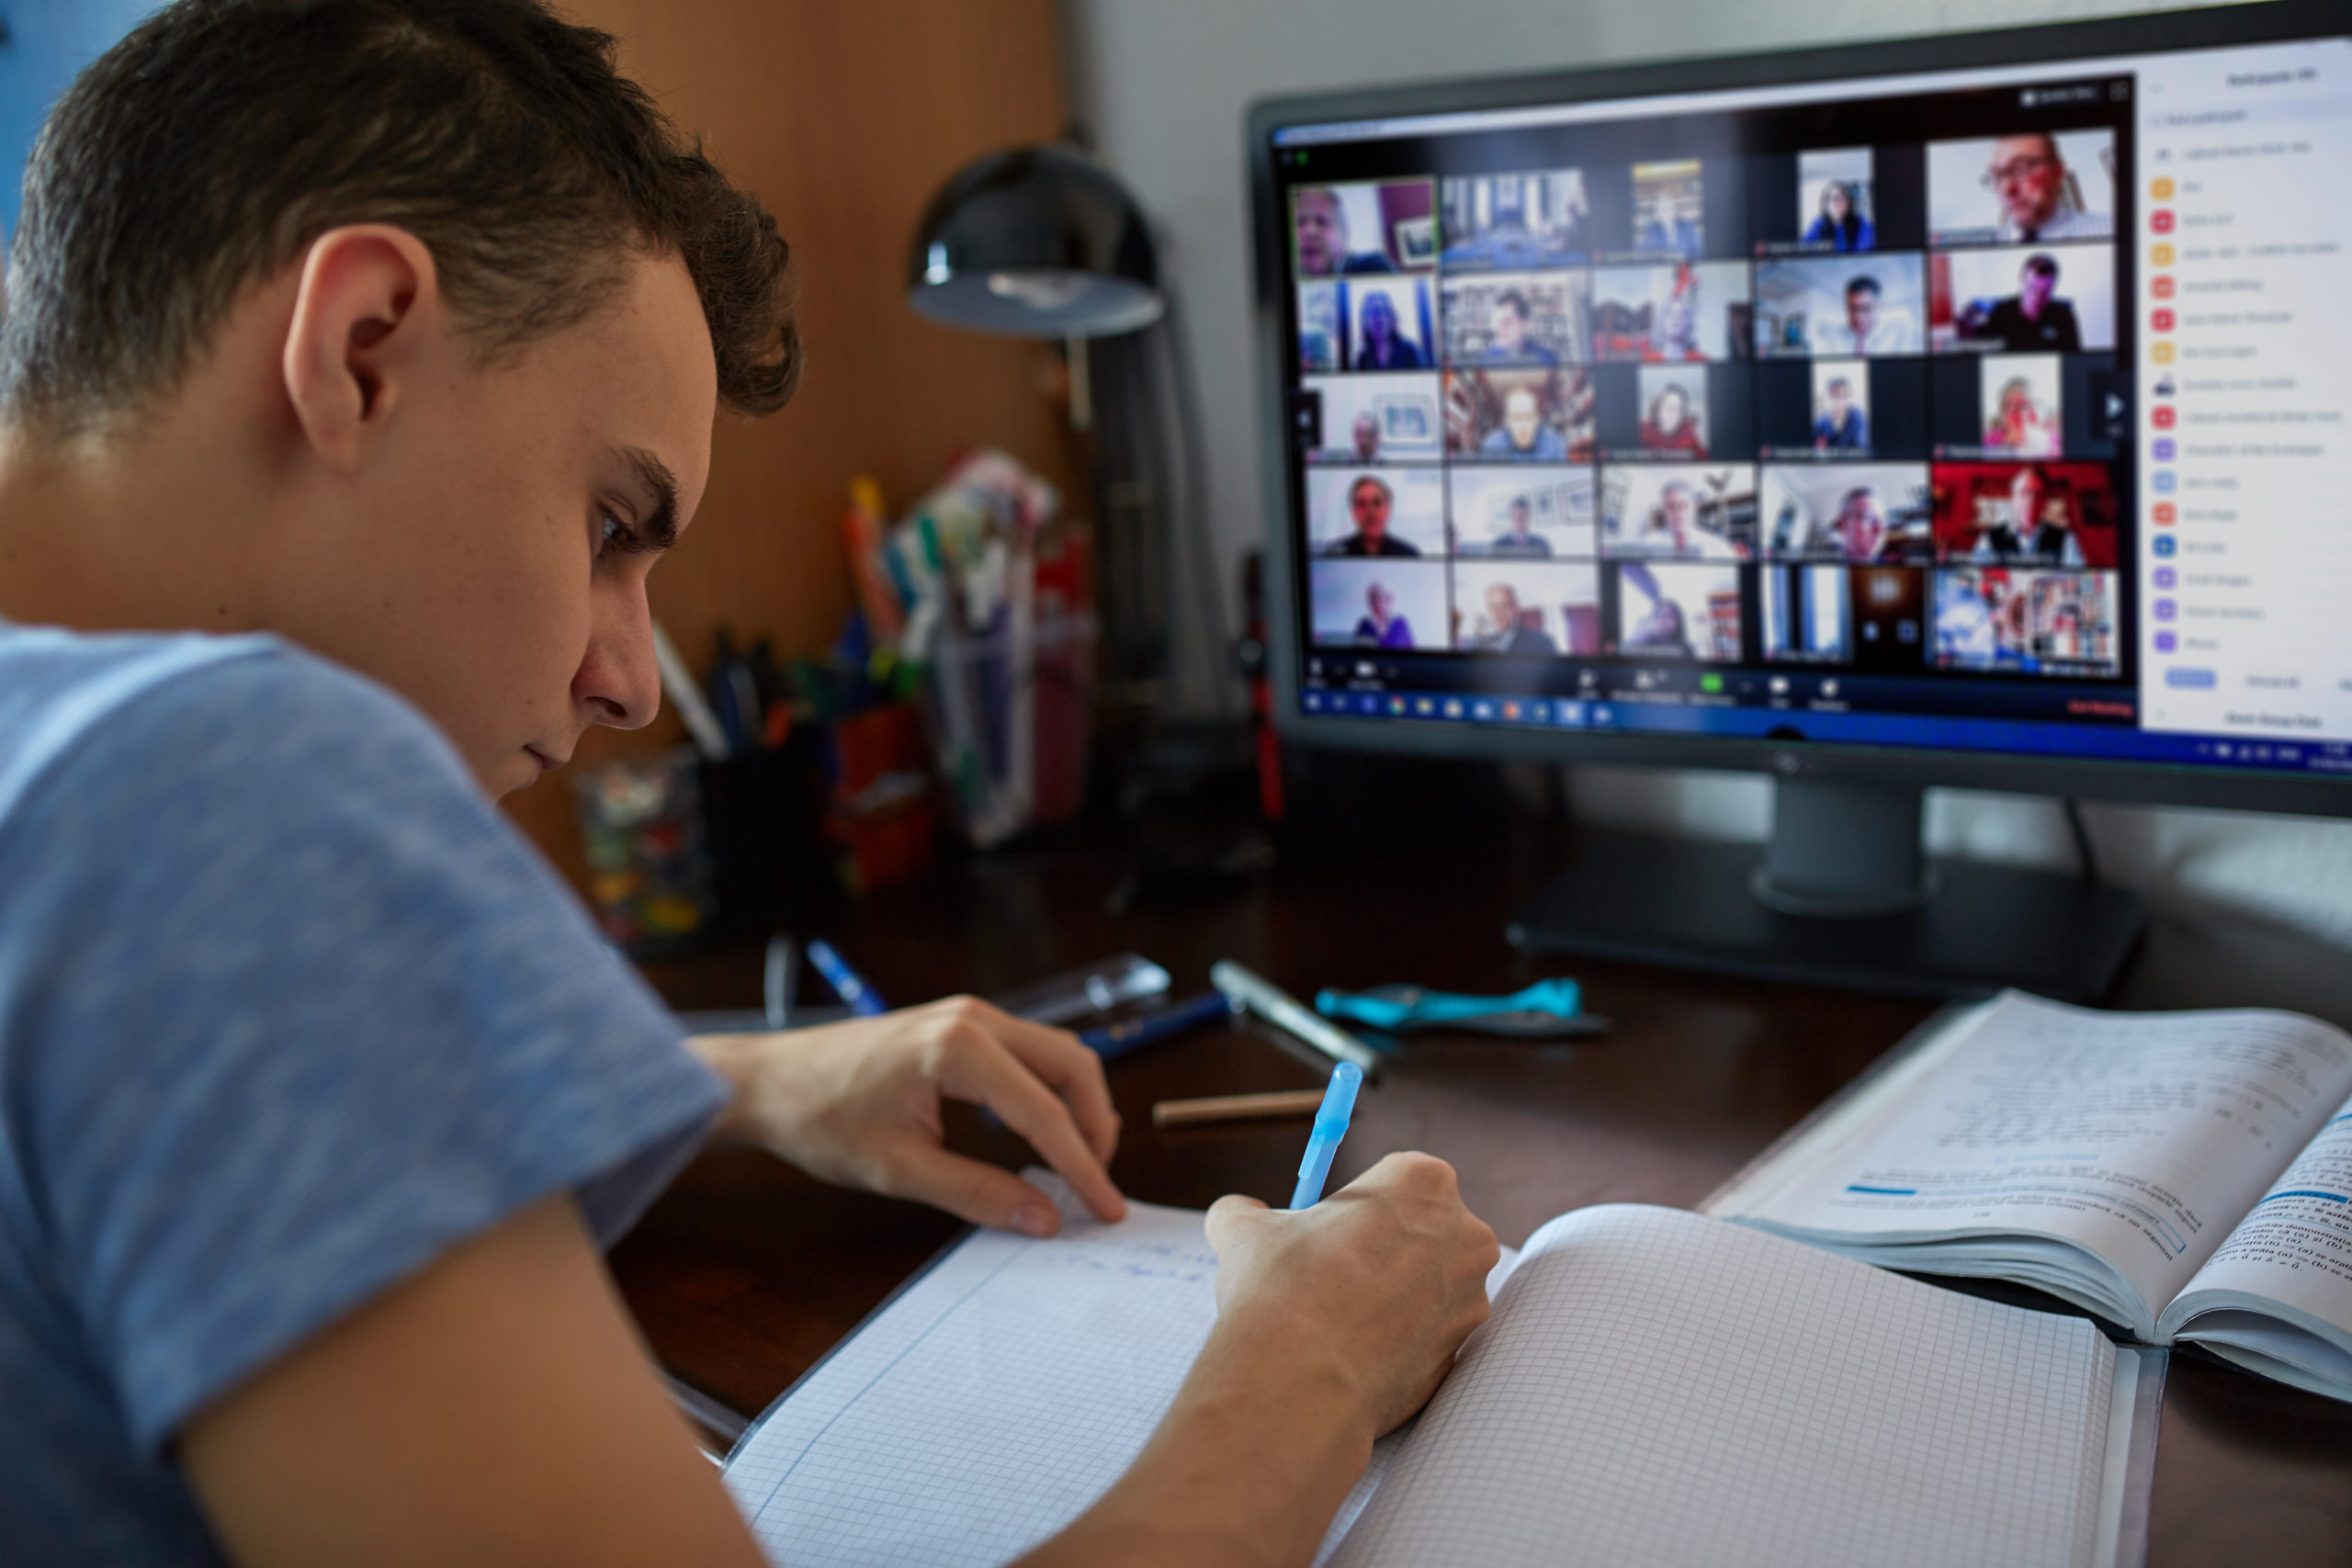 'Mësovet' platform: distance learning for VET students